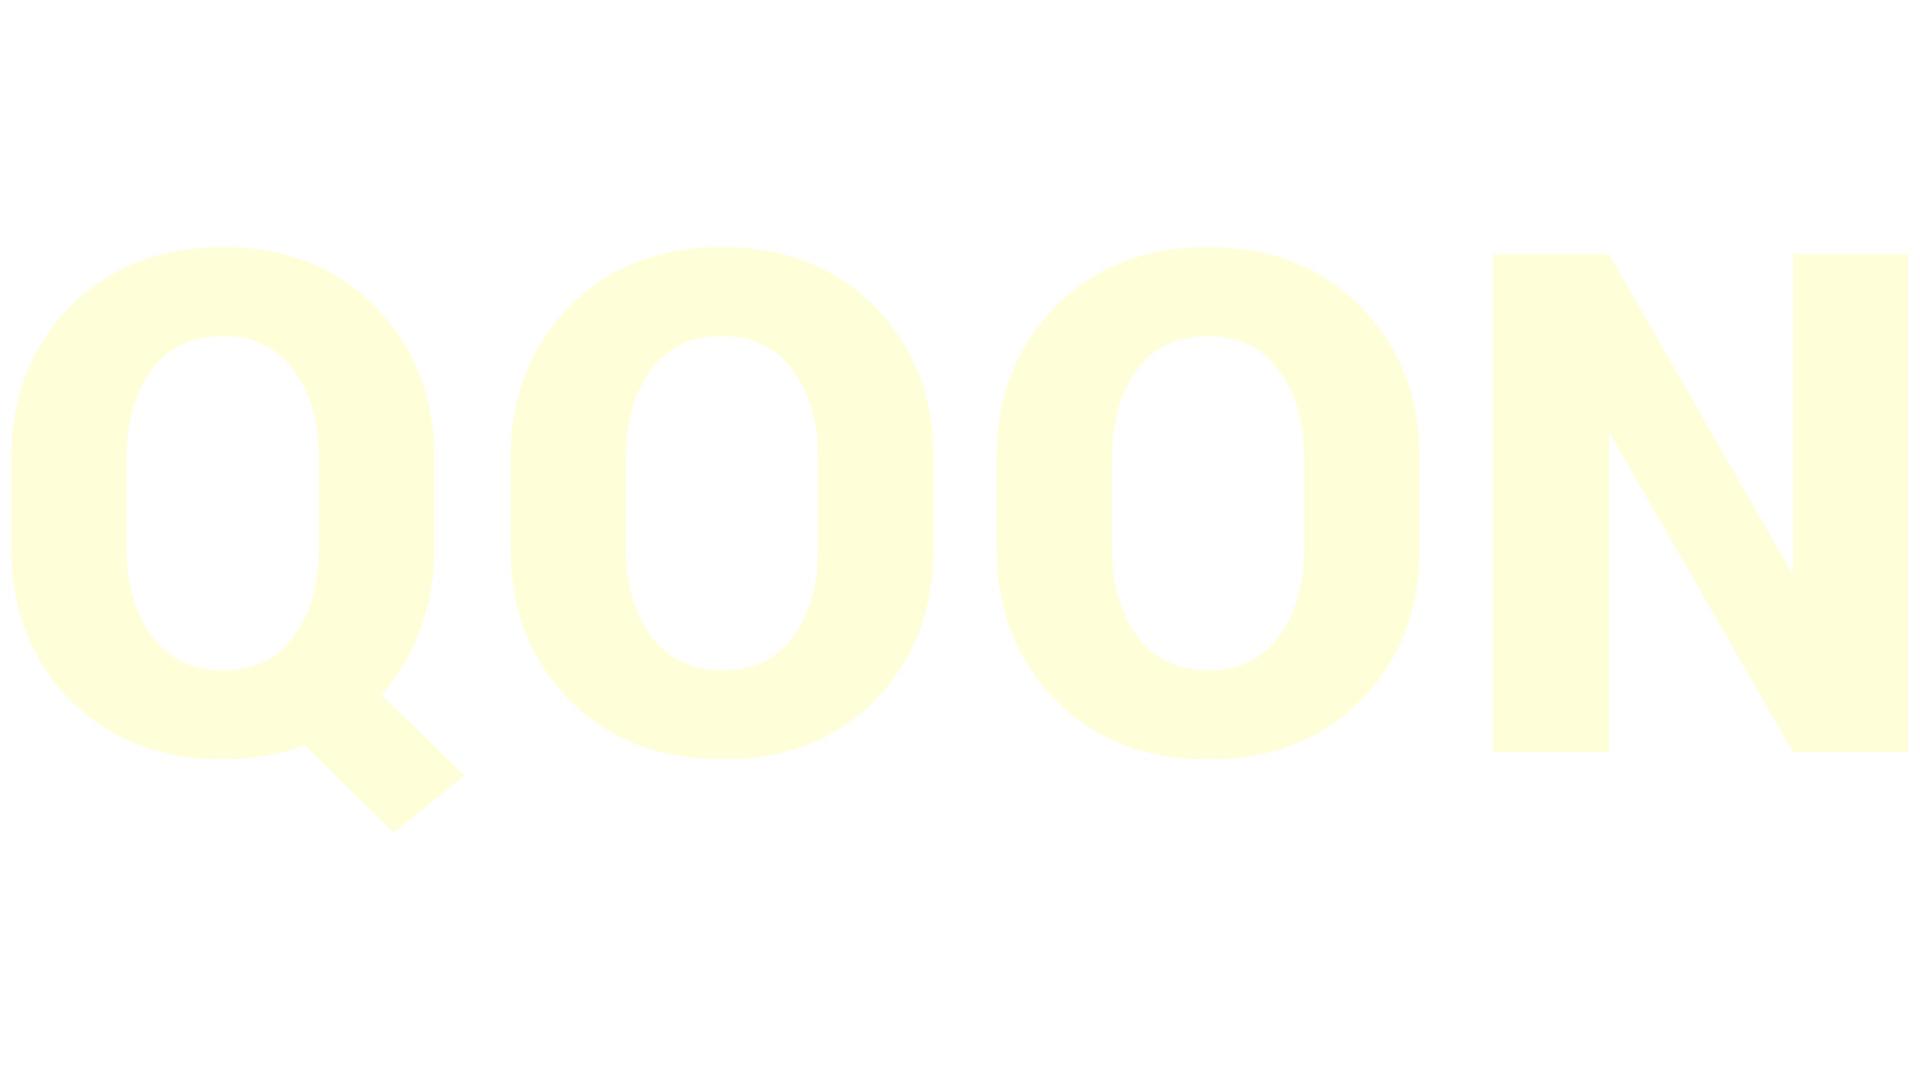 qoon-bg